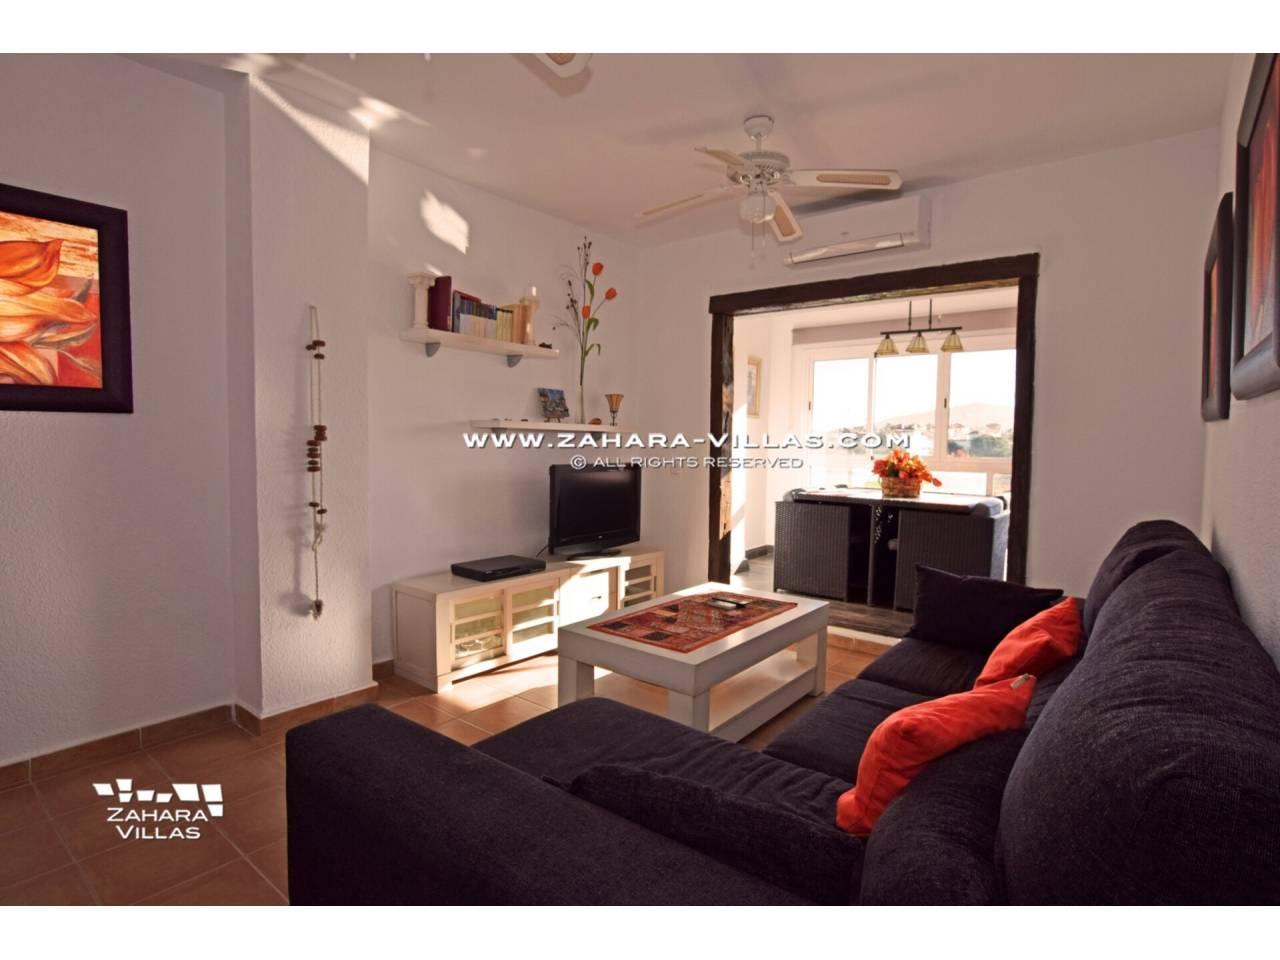 Imagen 2 de Apartamento en Urbanización Zahara-Mar